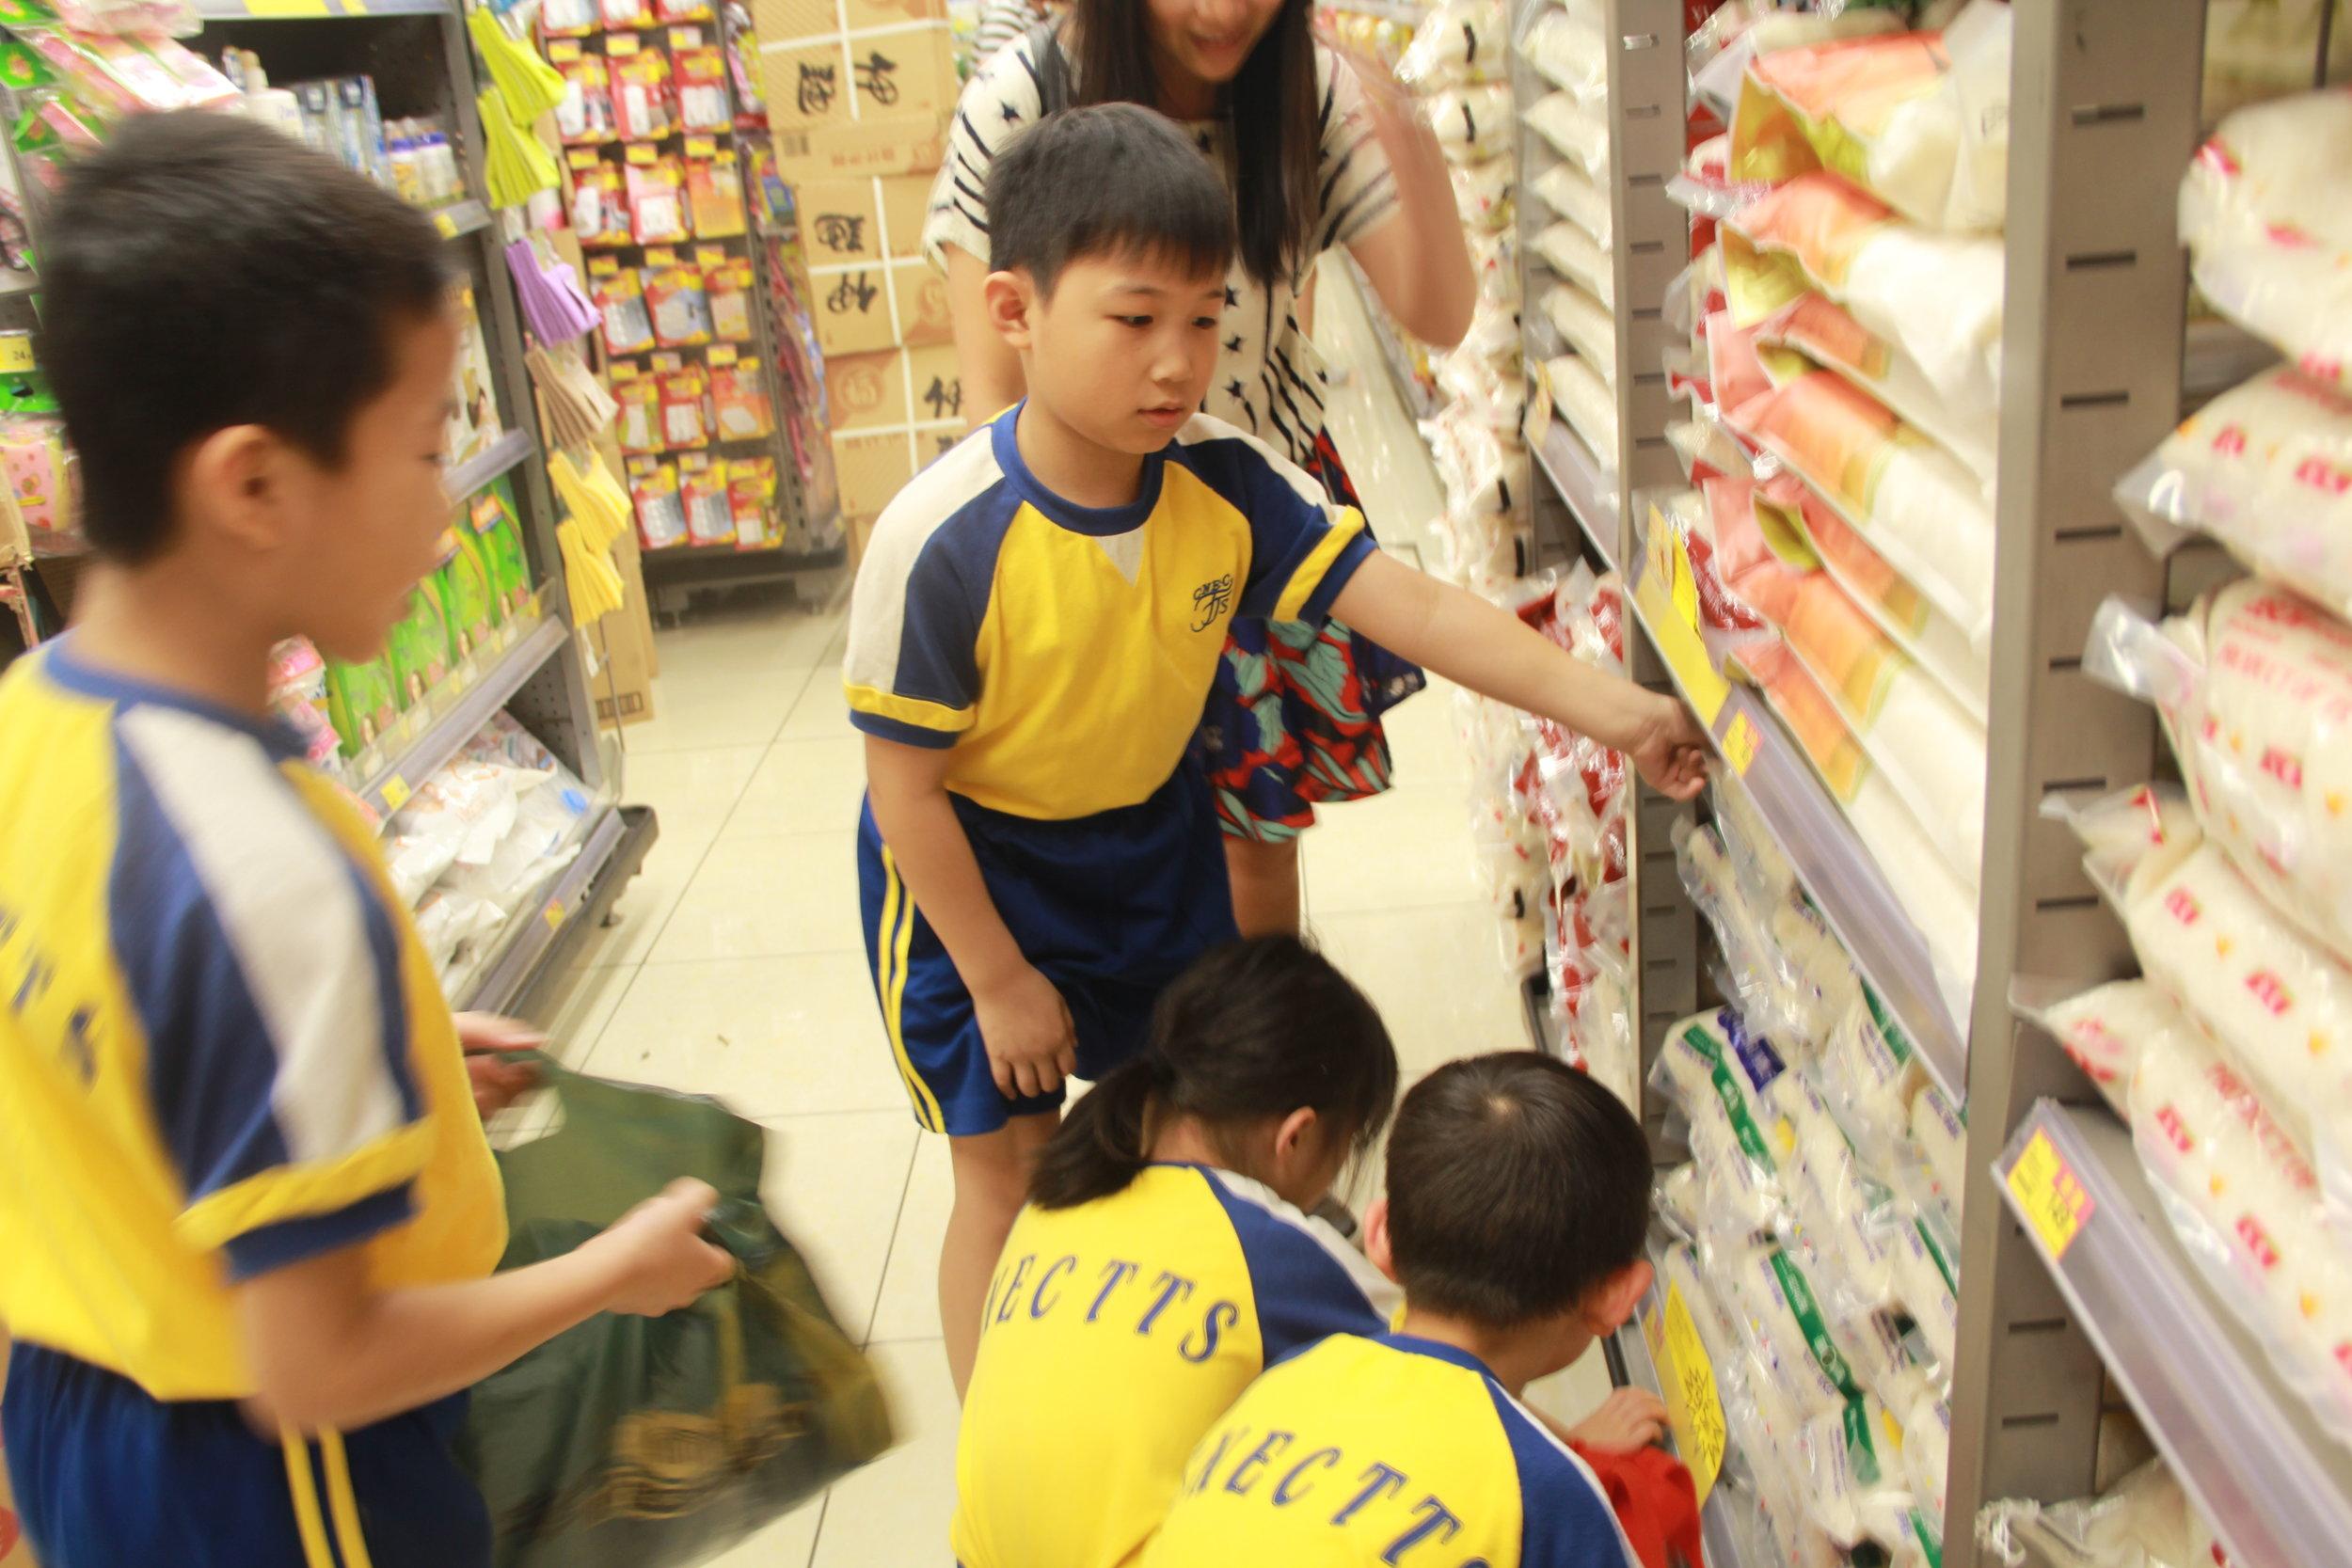 同學們仔細地閱讀不同的標價牌。